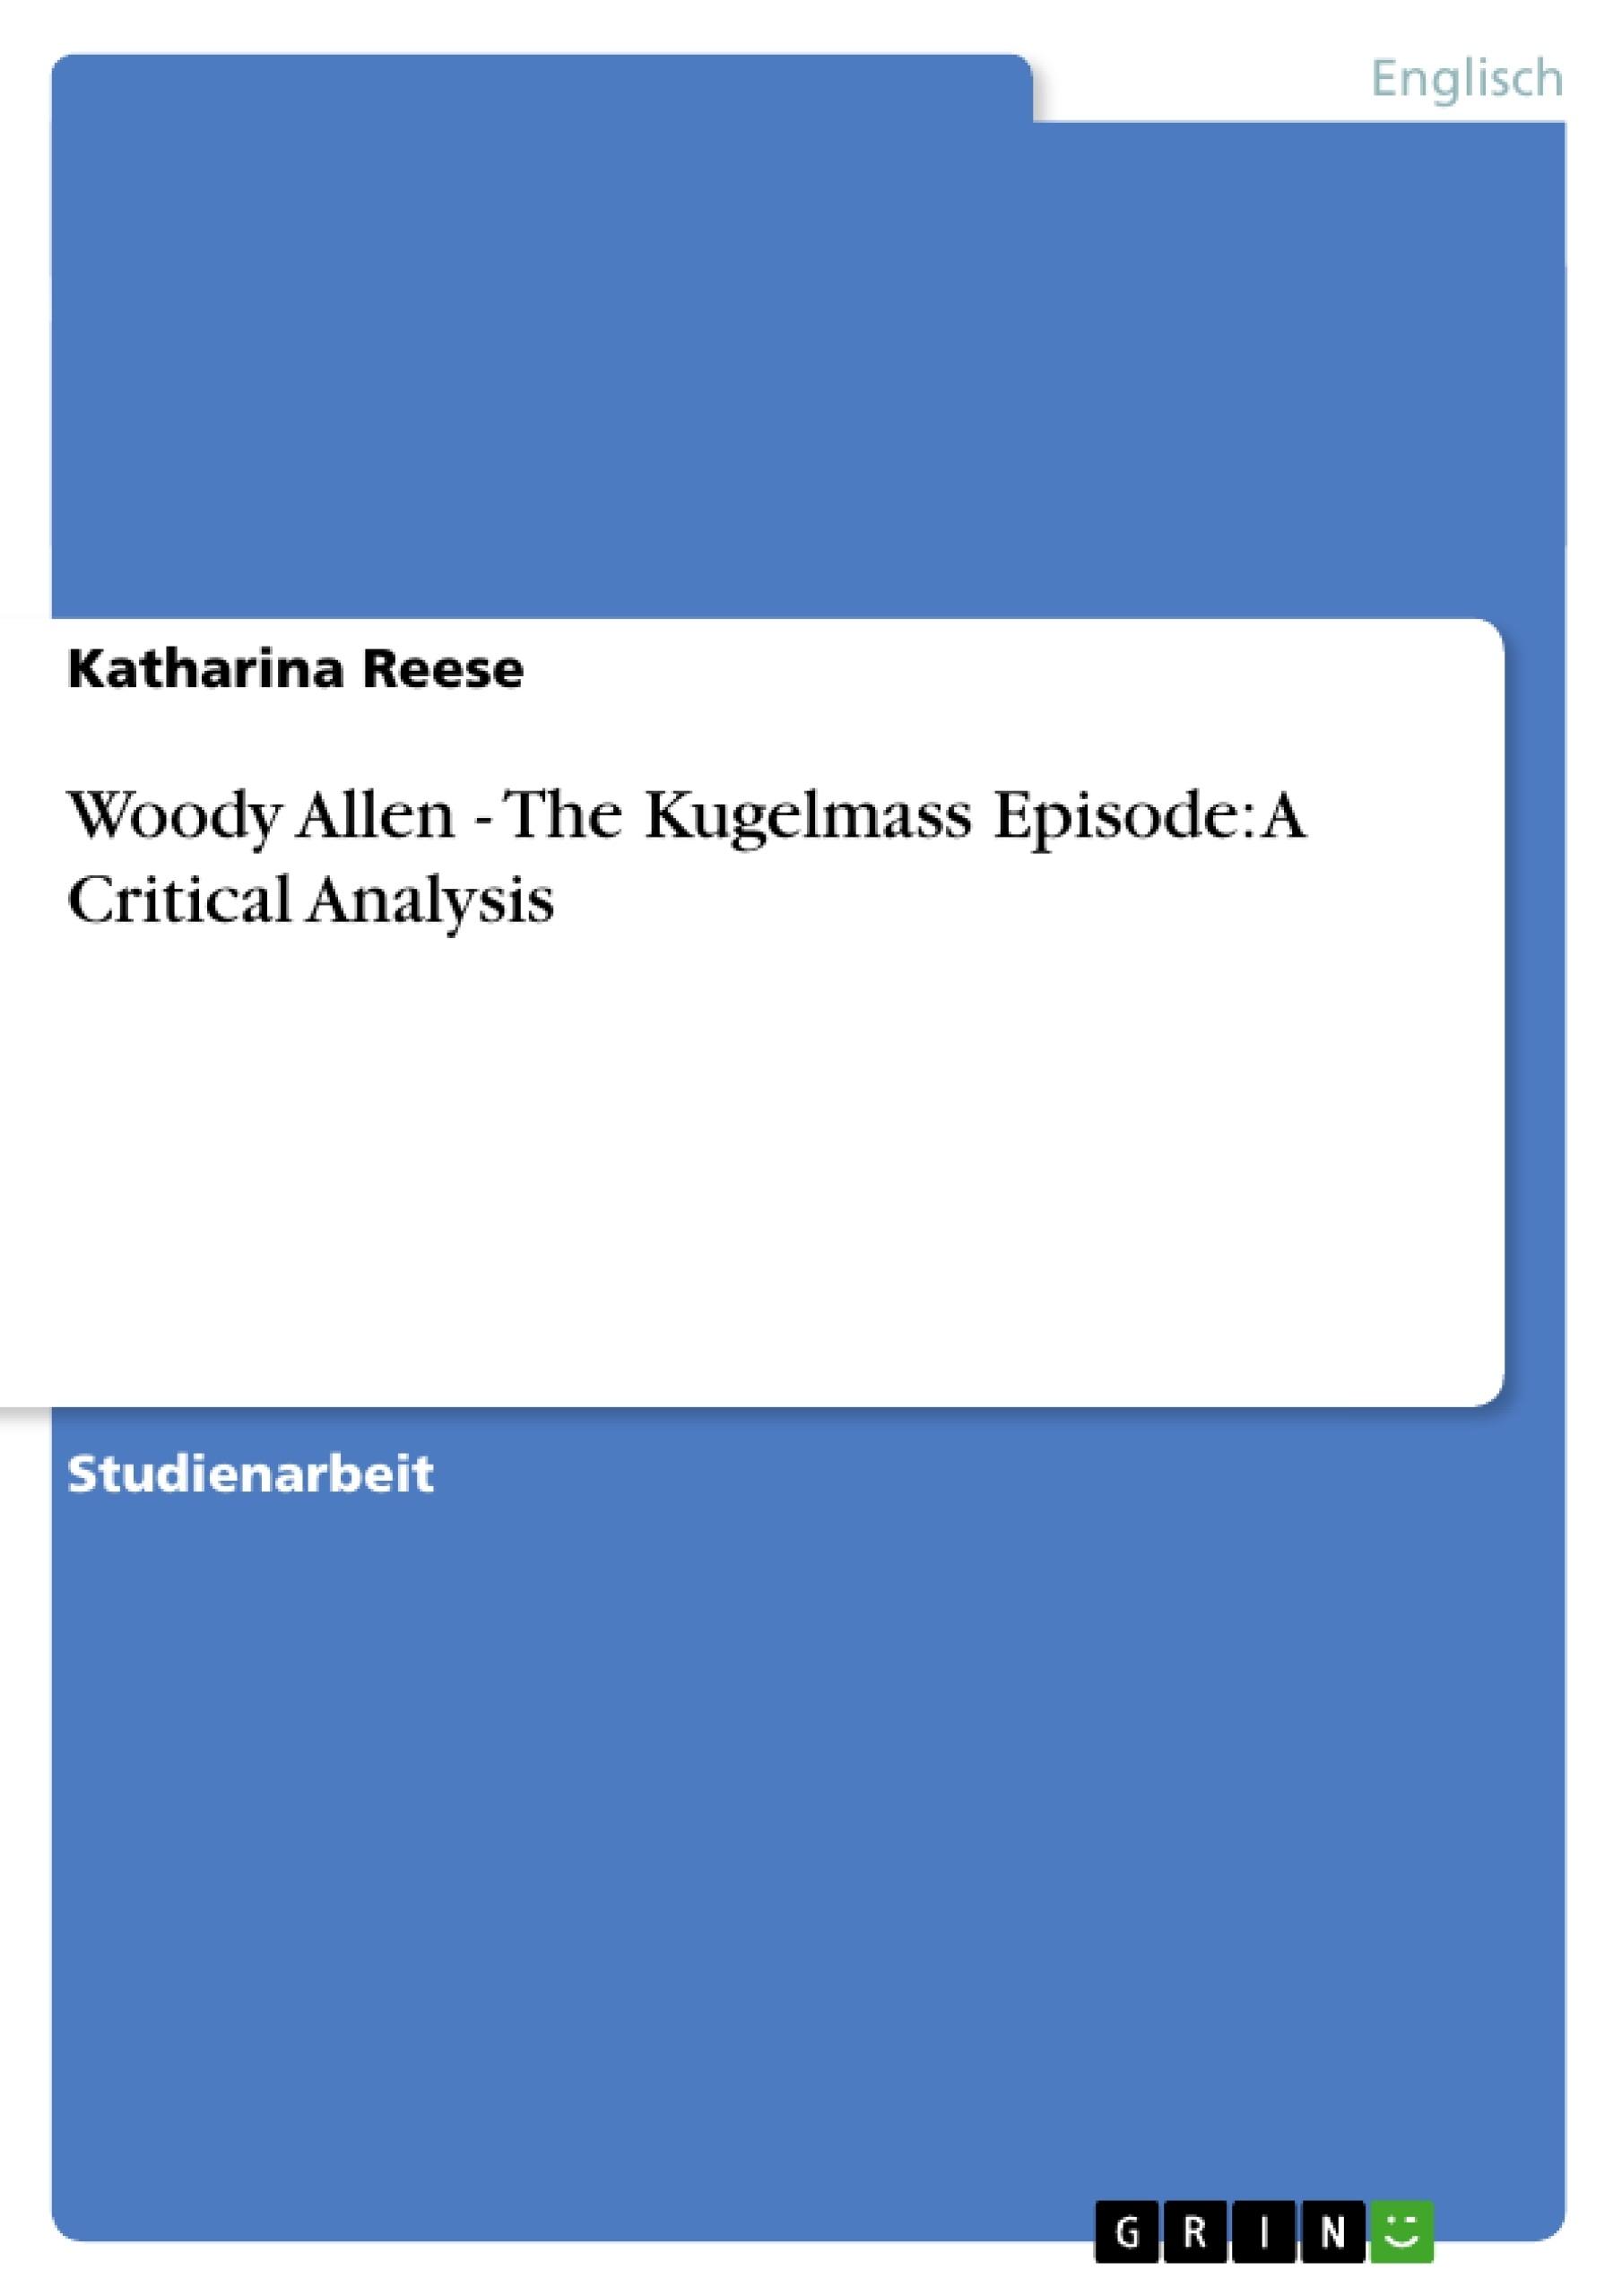 Titel: Woody Allen - The Kugelmass Episode: A Critical Analysis